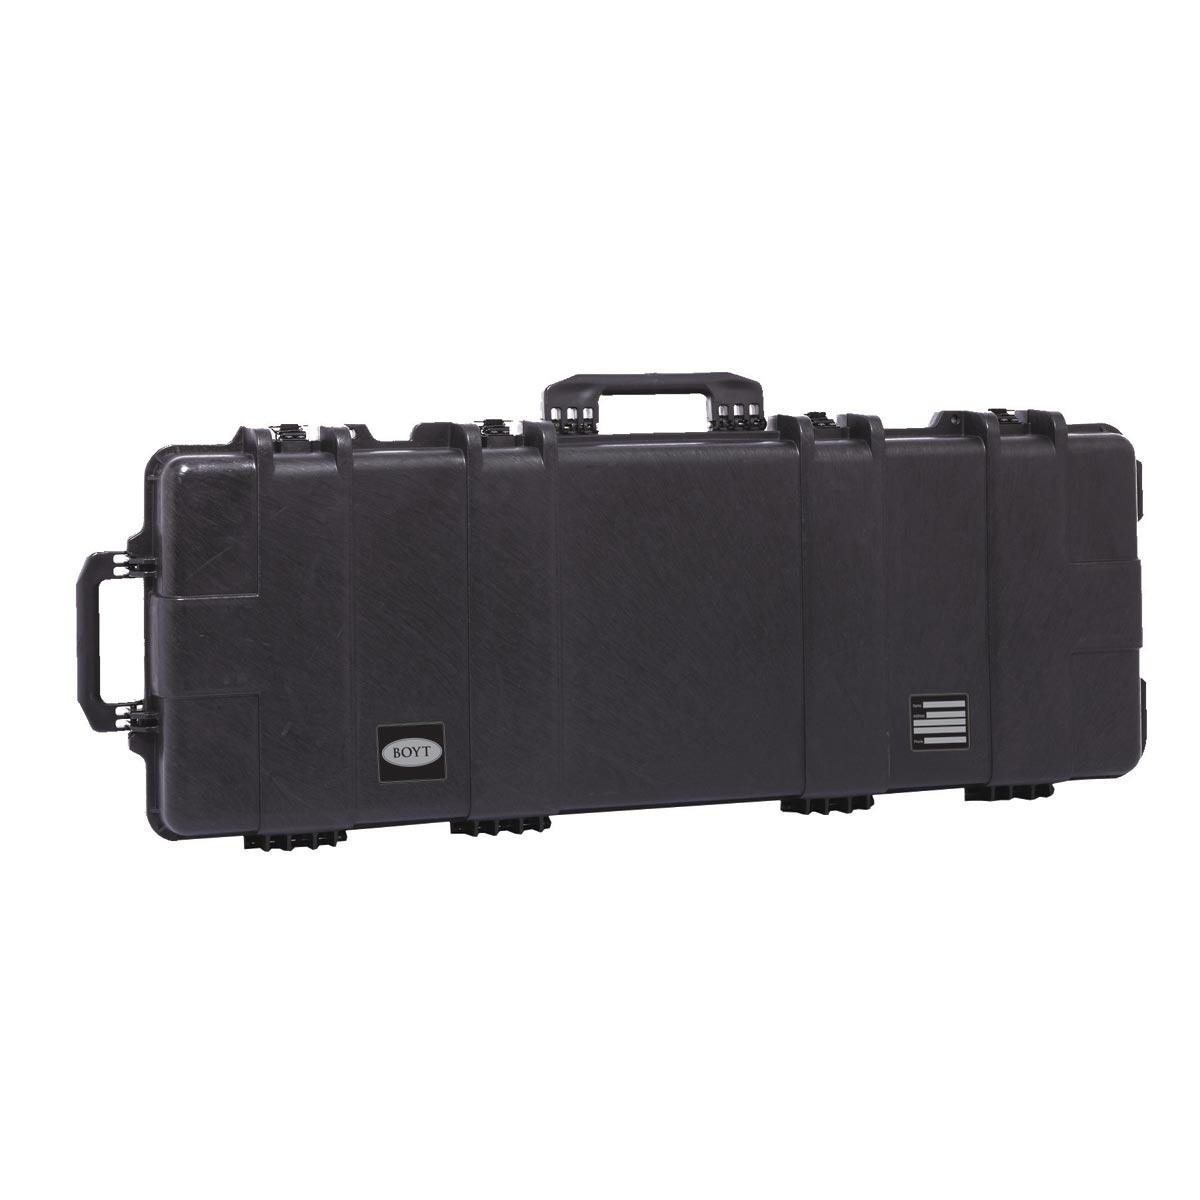 Boyt H-Series H51 Double Long Gun Case